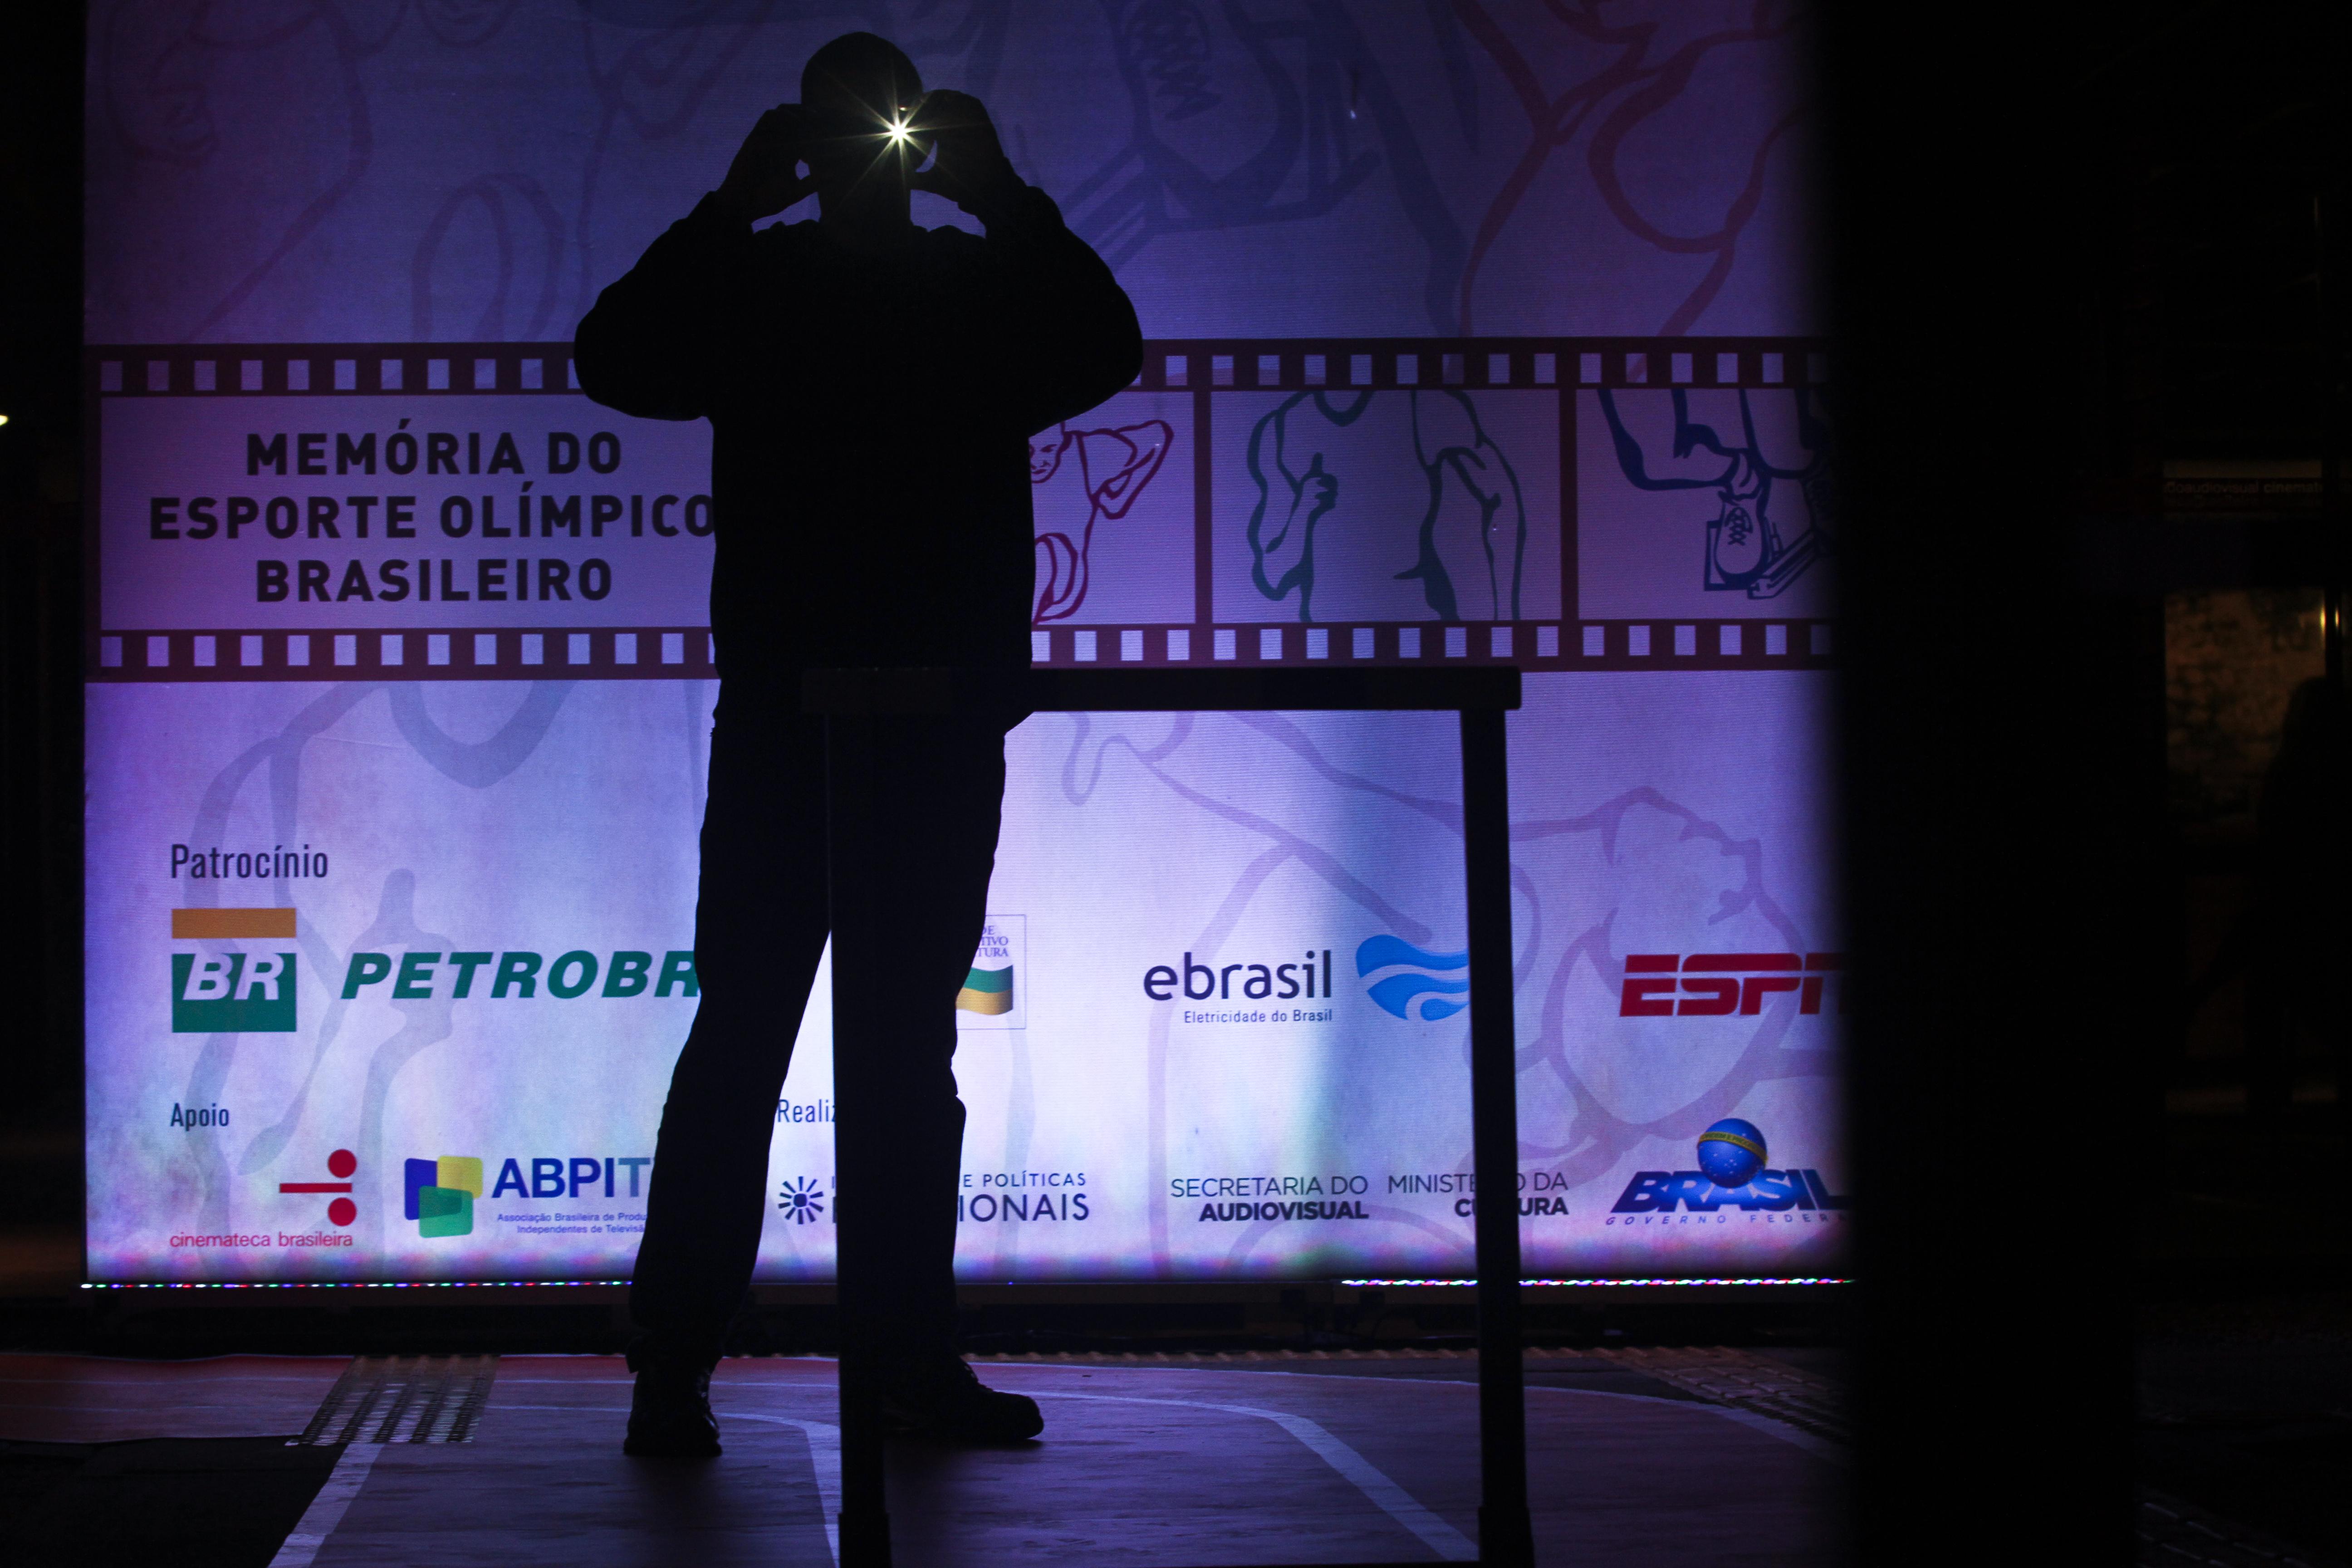 Cerimônia Memória do Esporte Olímpico Brasileiro_Cinemateca SP/2016